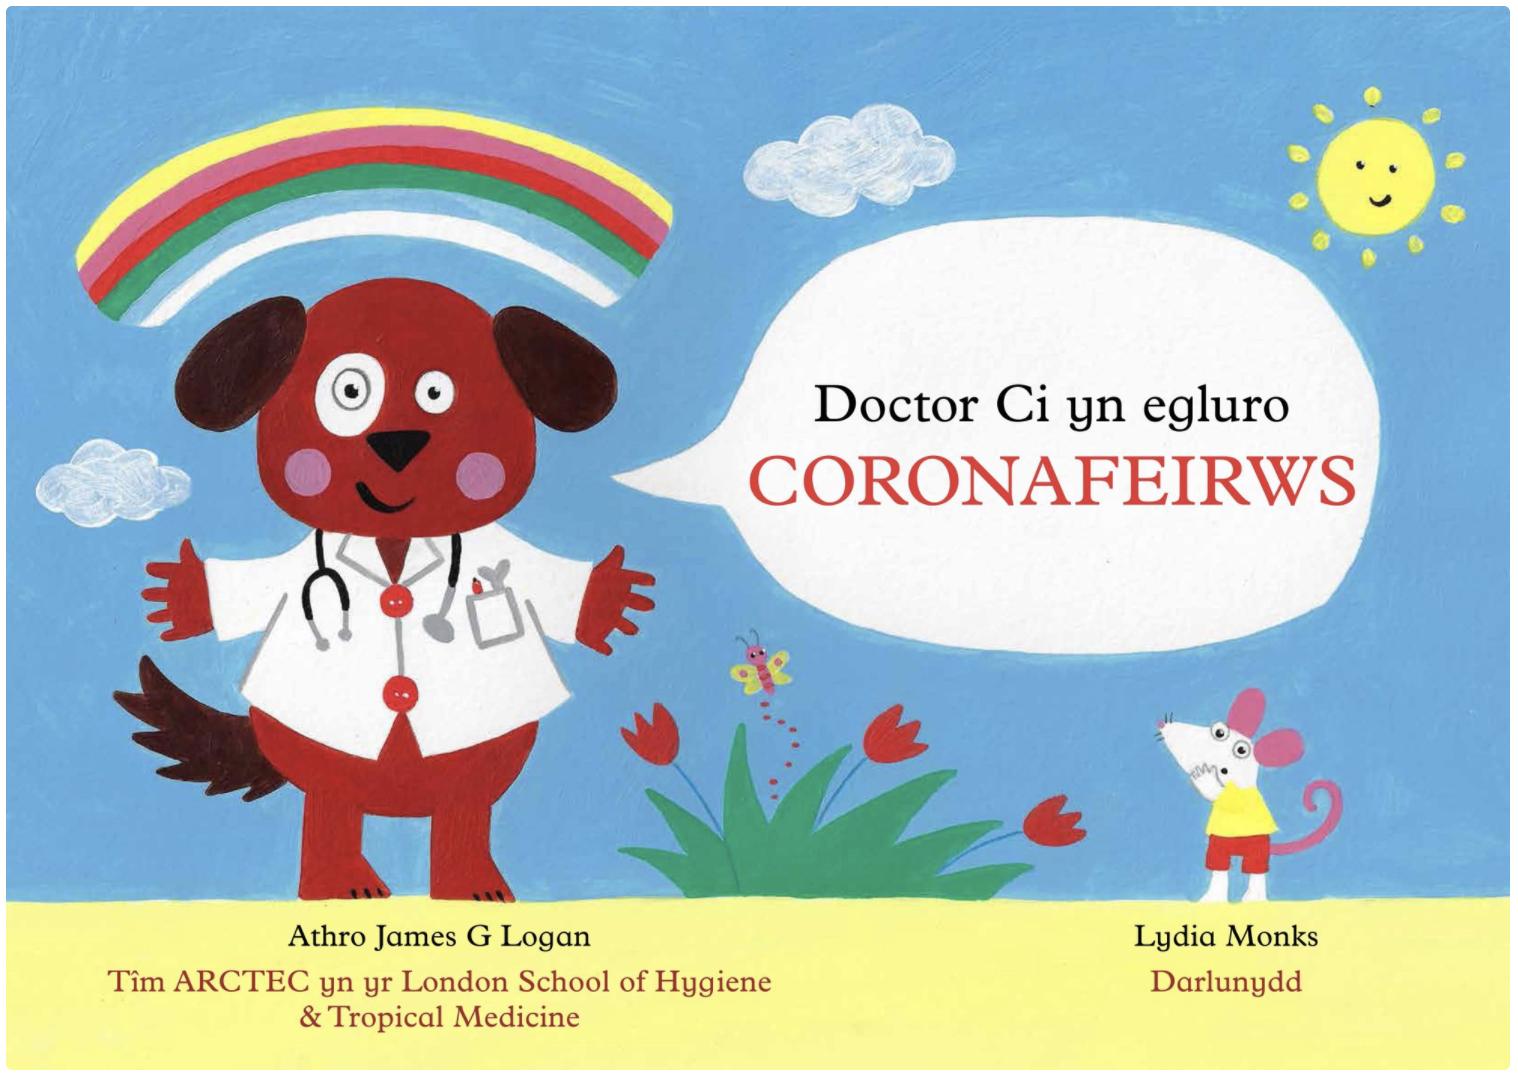 Dr Ci yn egluro CORONAFEIRWS